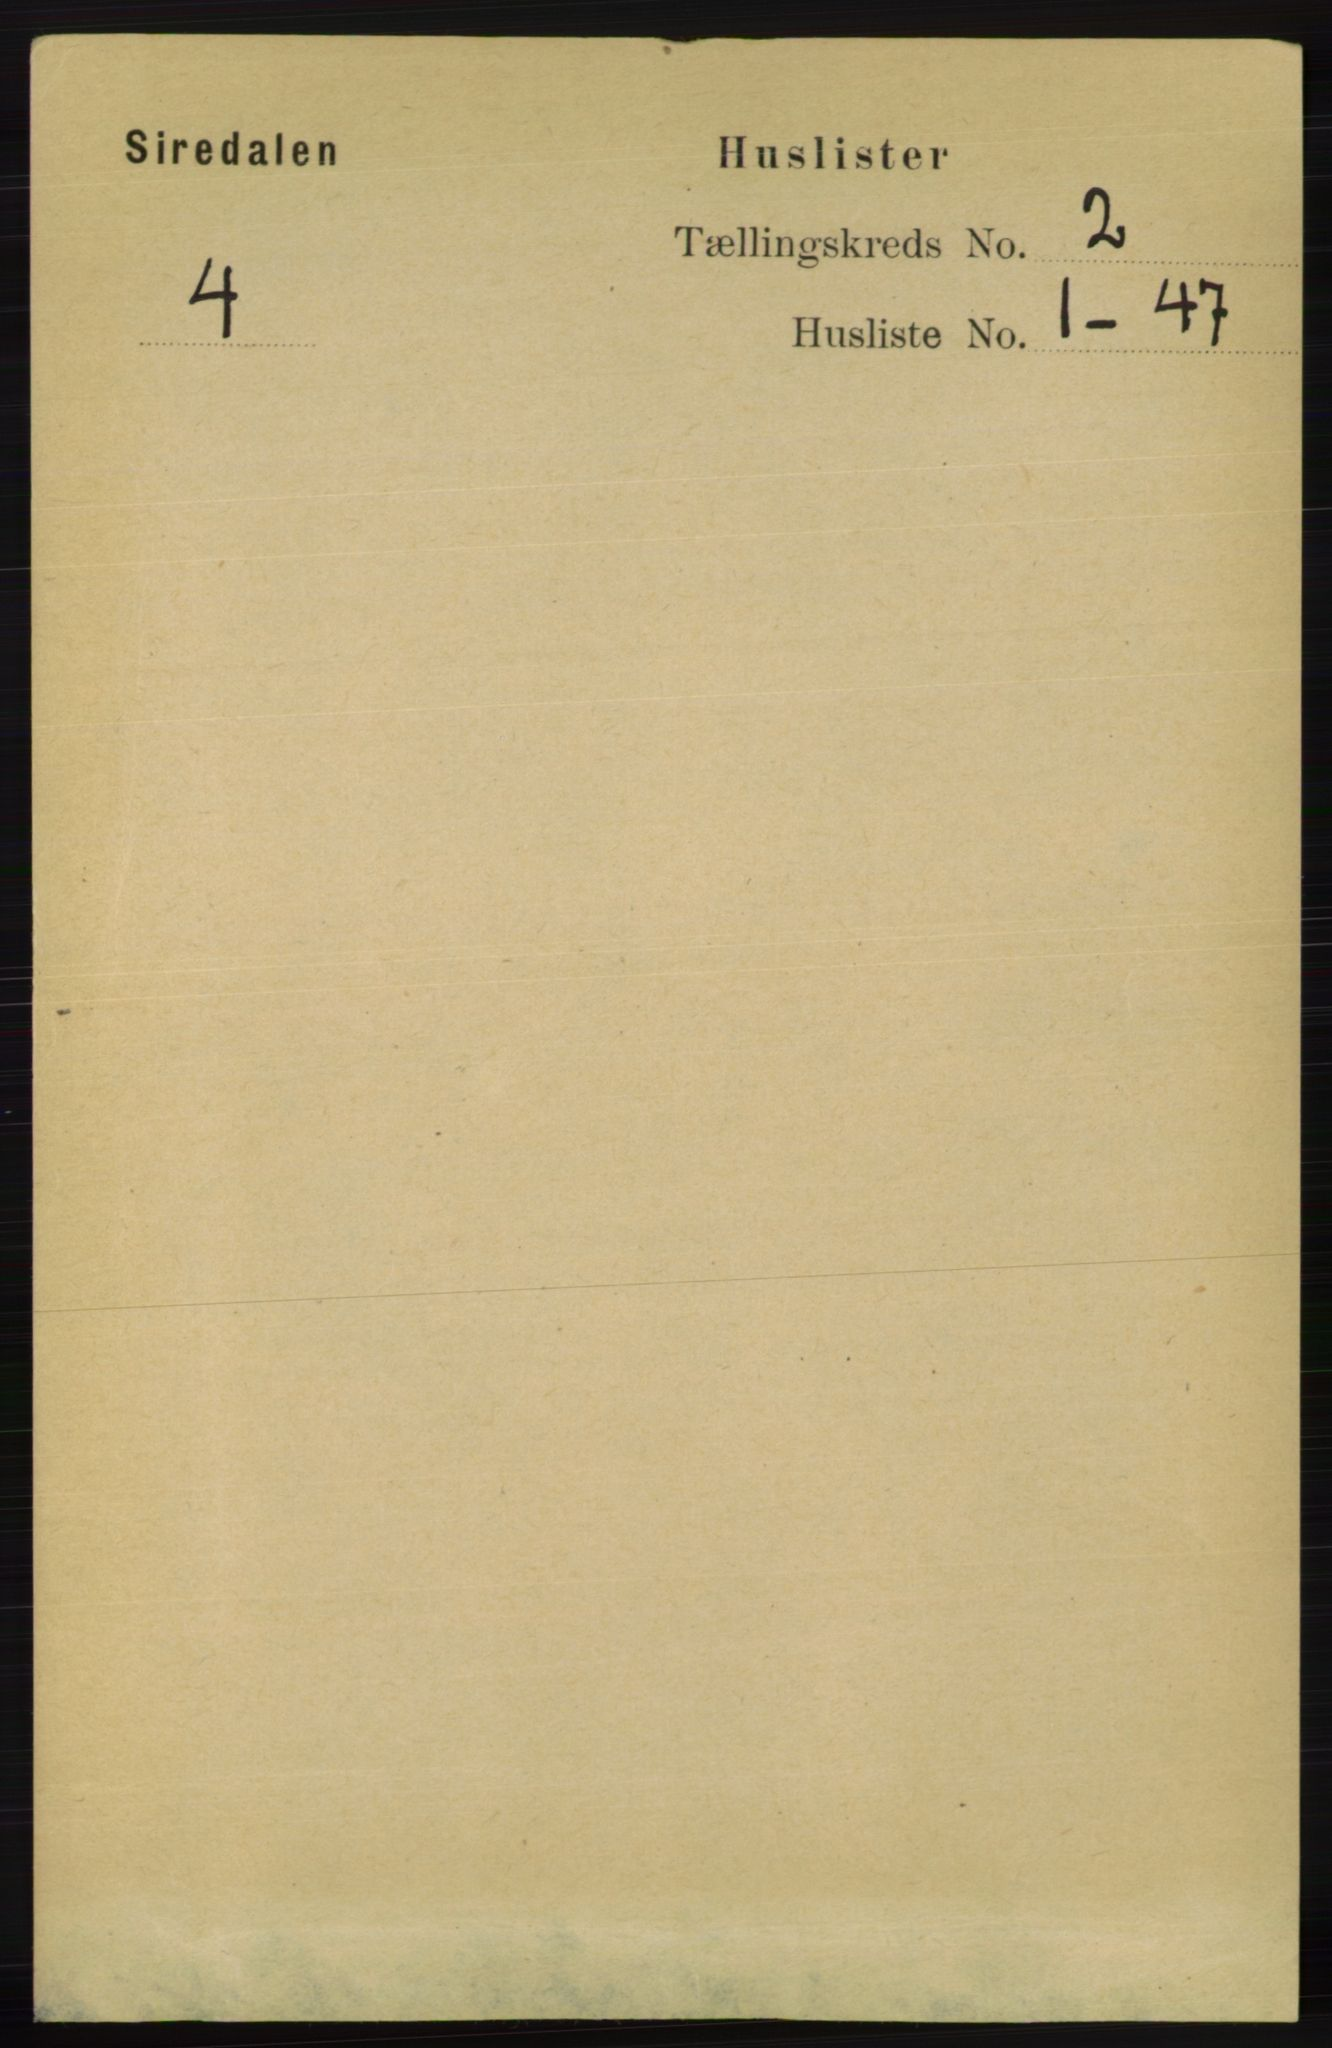 RA, Folketelling 1891 for 1046 Sirdal herred, 1891, s. 288